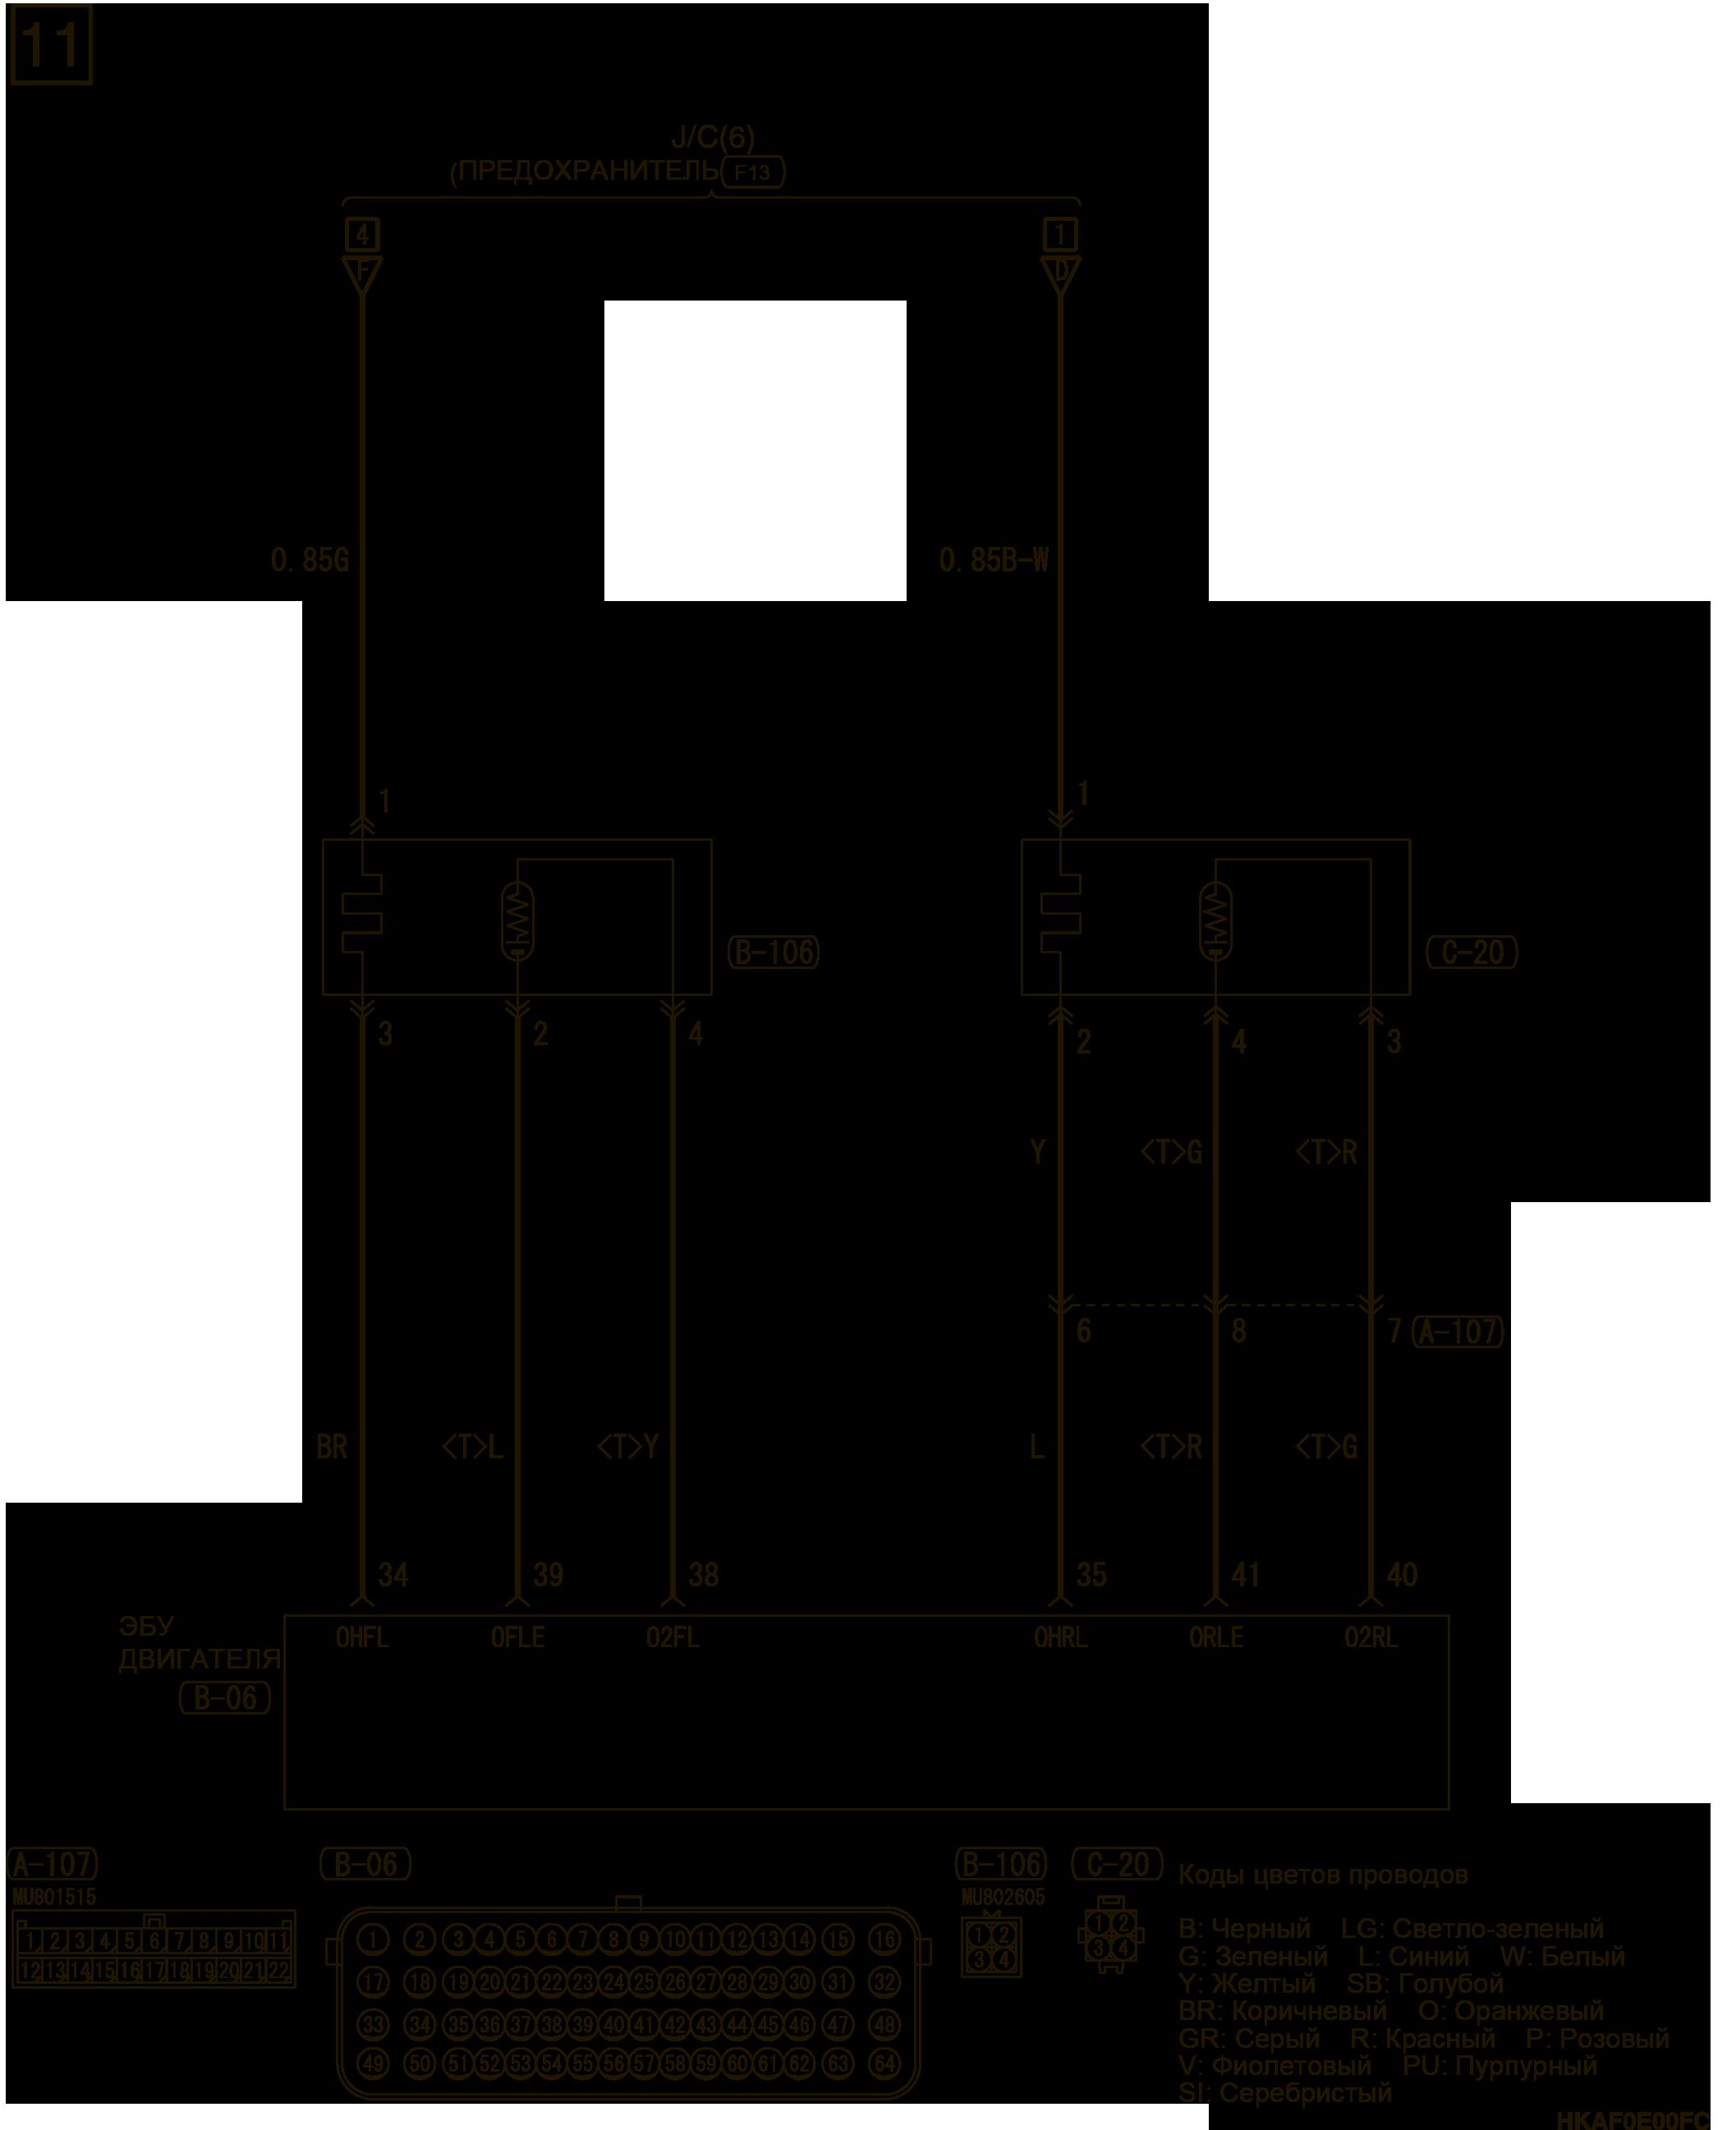 mmc аутлендер 3 2019 электросхемаСИСТЕМА УПРАВЛЕНИЯ ДВИГАТЕЛЕМ 4B1